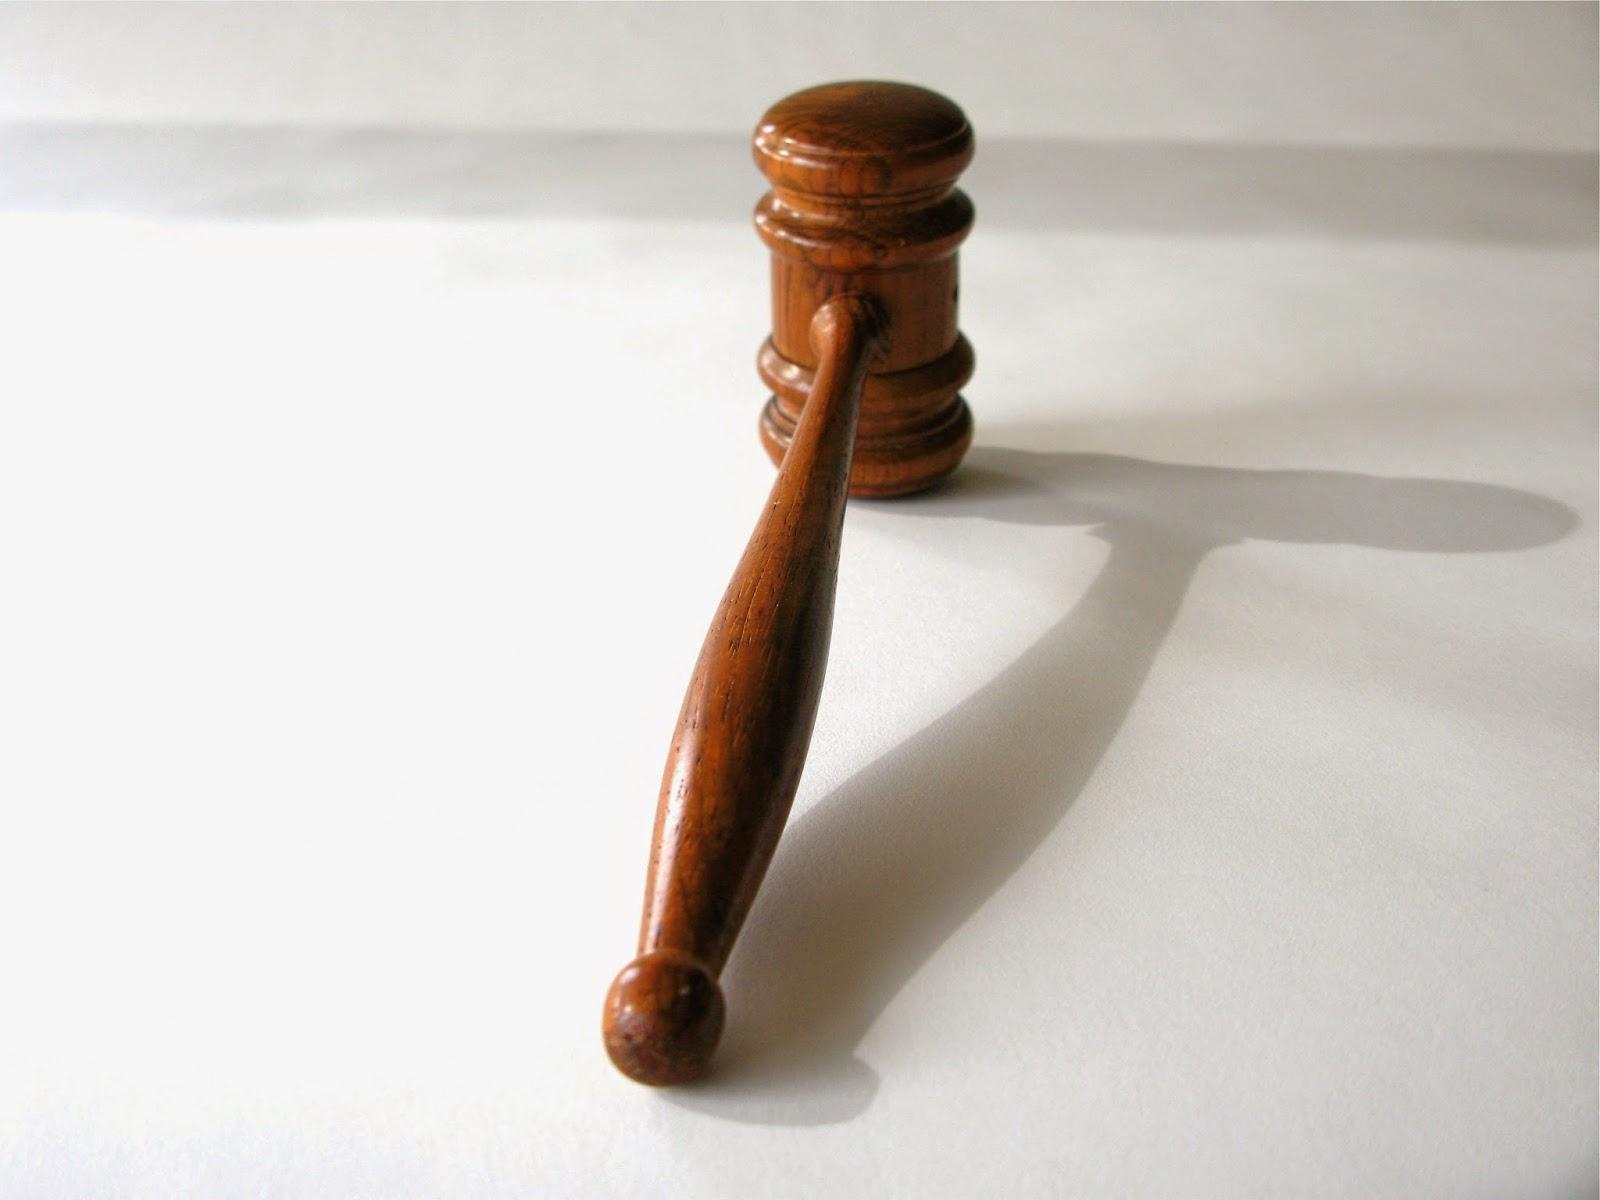 philippine judge